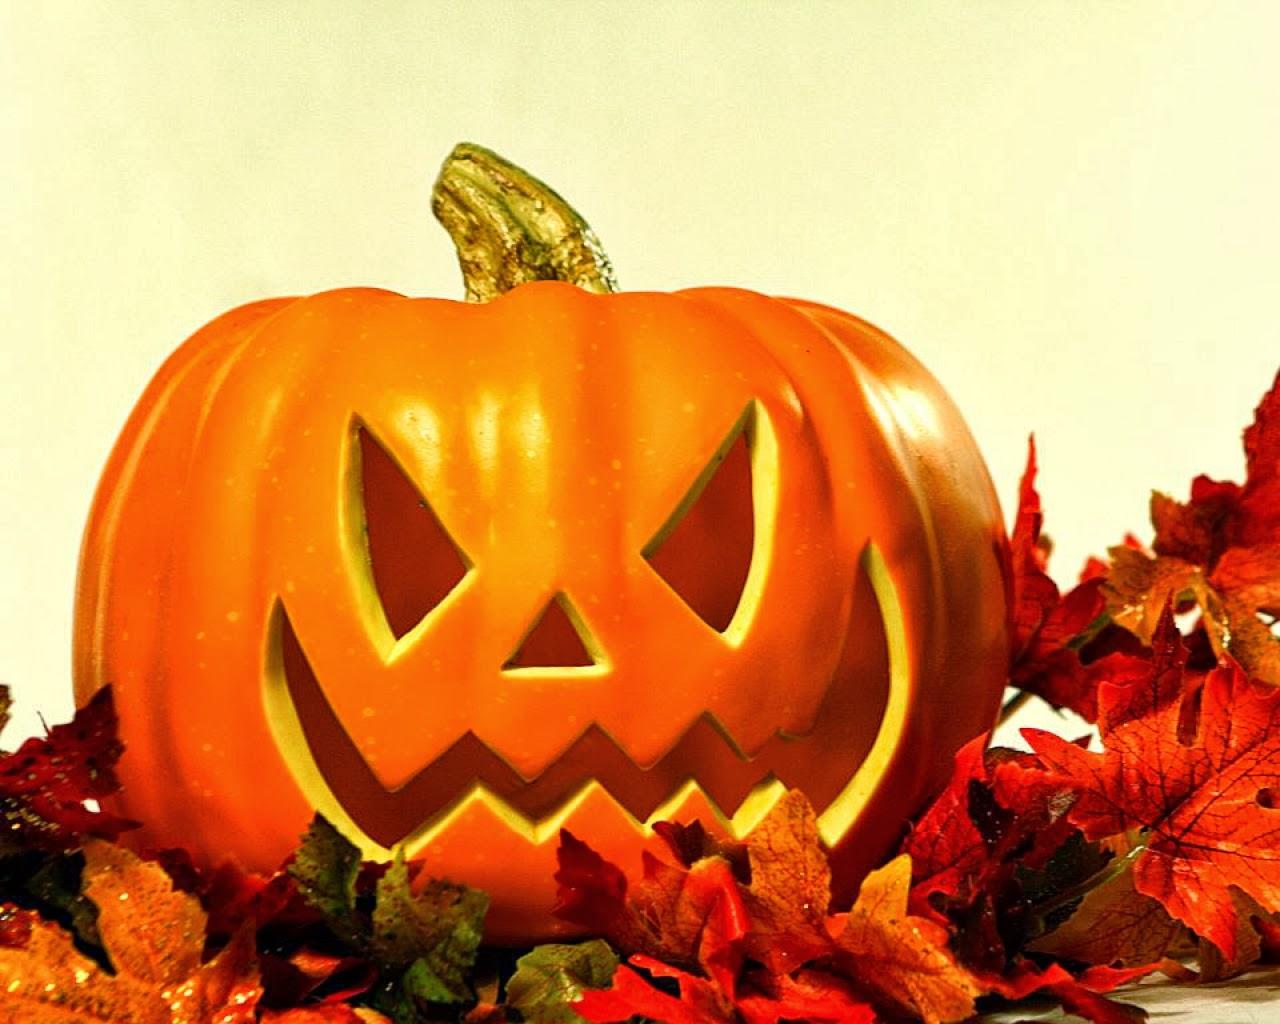 Banco de imagenes y fotos gratis calabazas de halloween - Calabazas pintadas para halloween ...